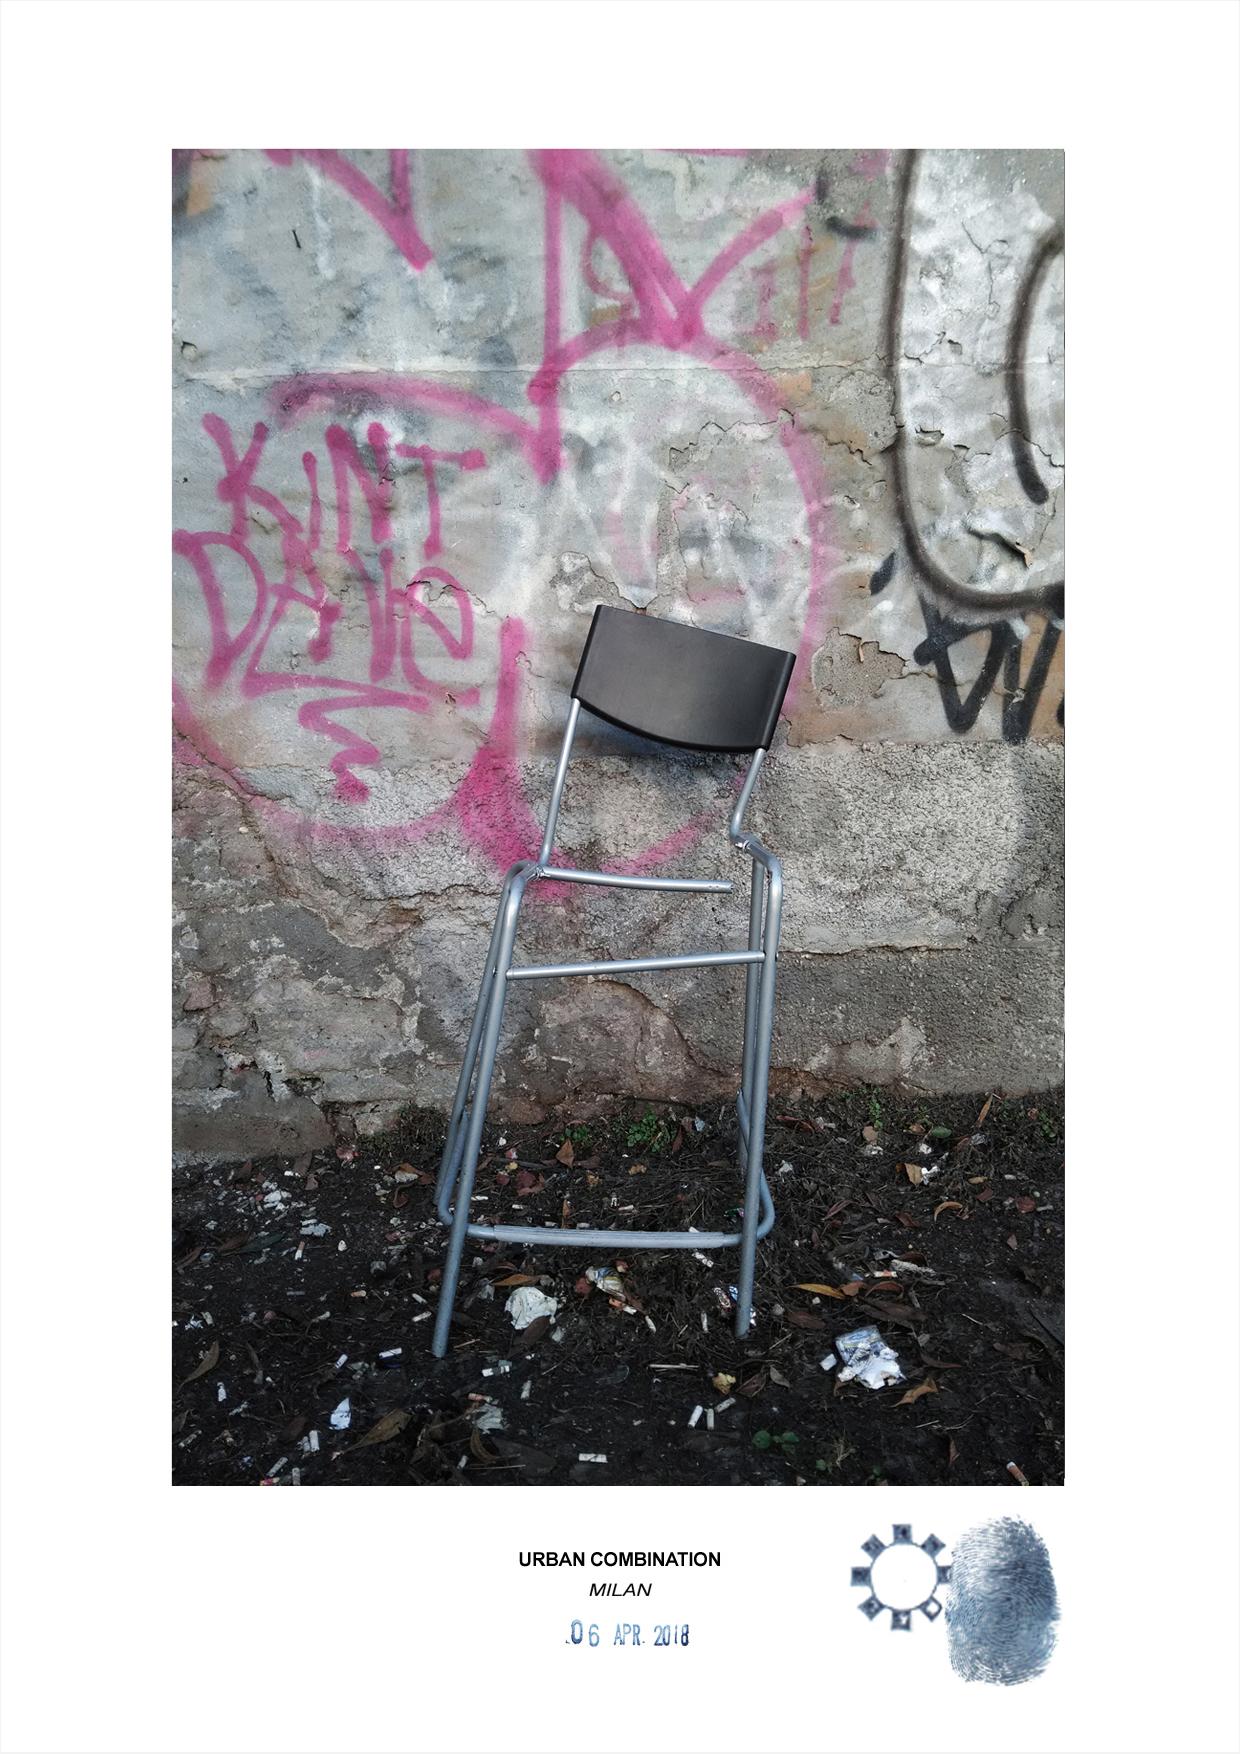 Arte contemporanea con installazioni casuali dell'artista Maurizio Di Feo. Combinazione urbana con sedia e graffiti, Milano.